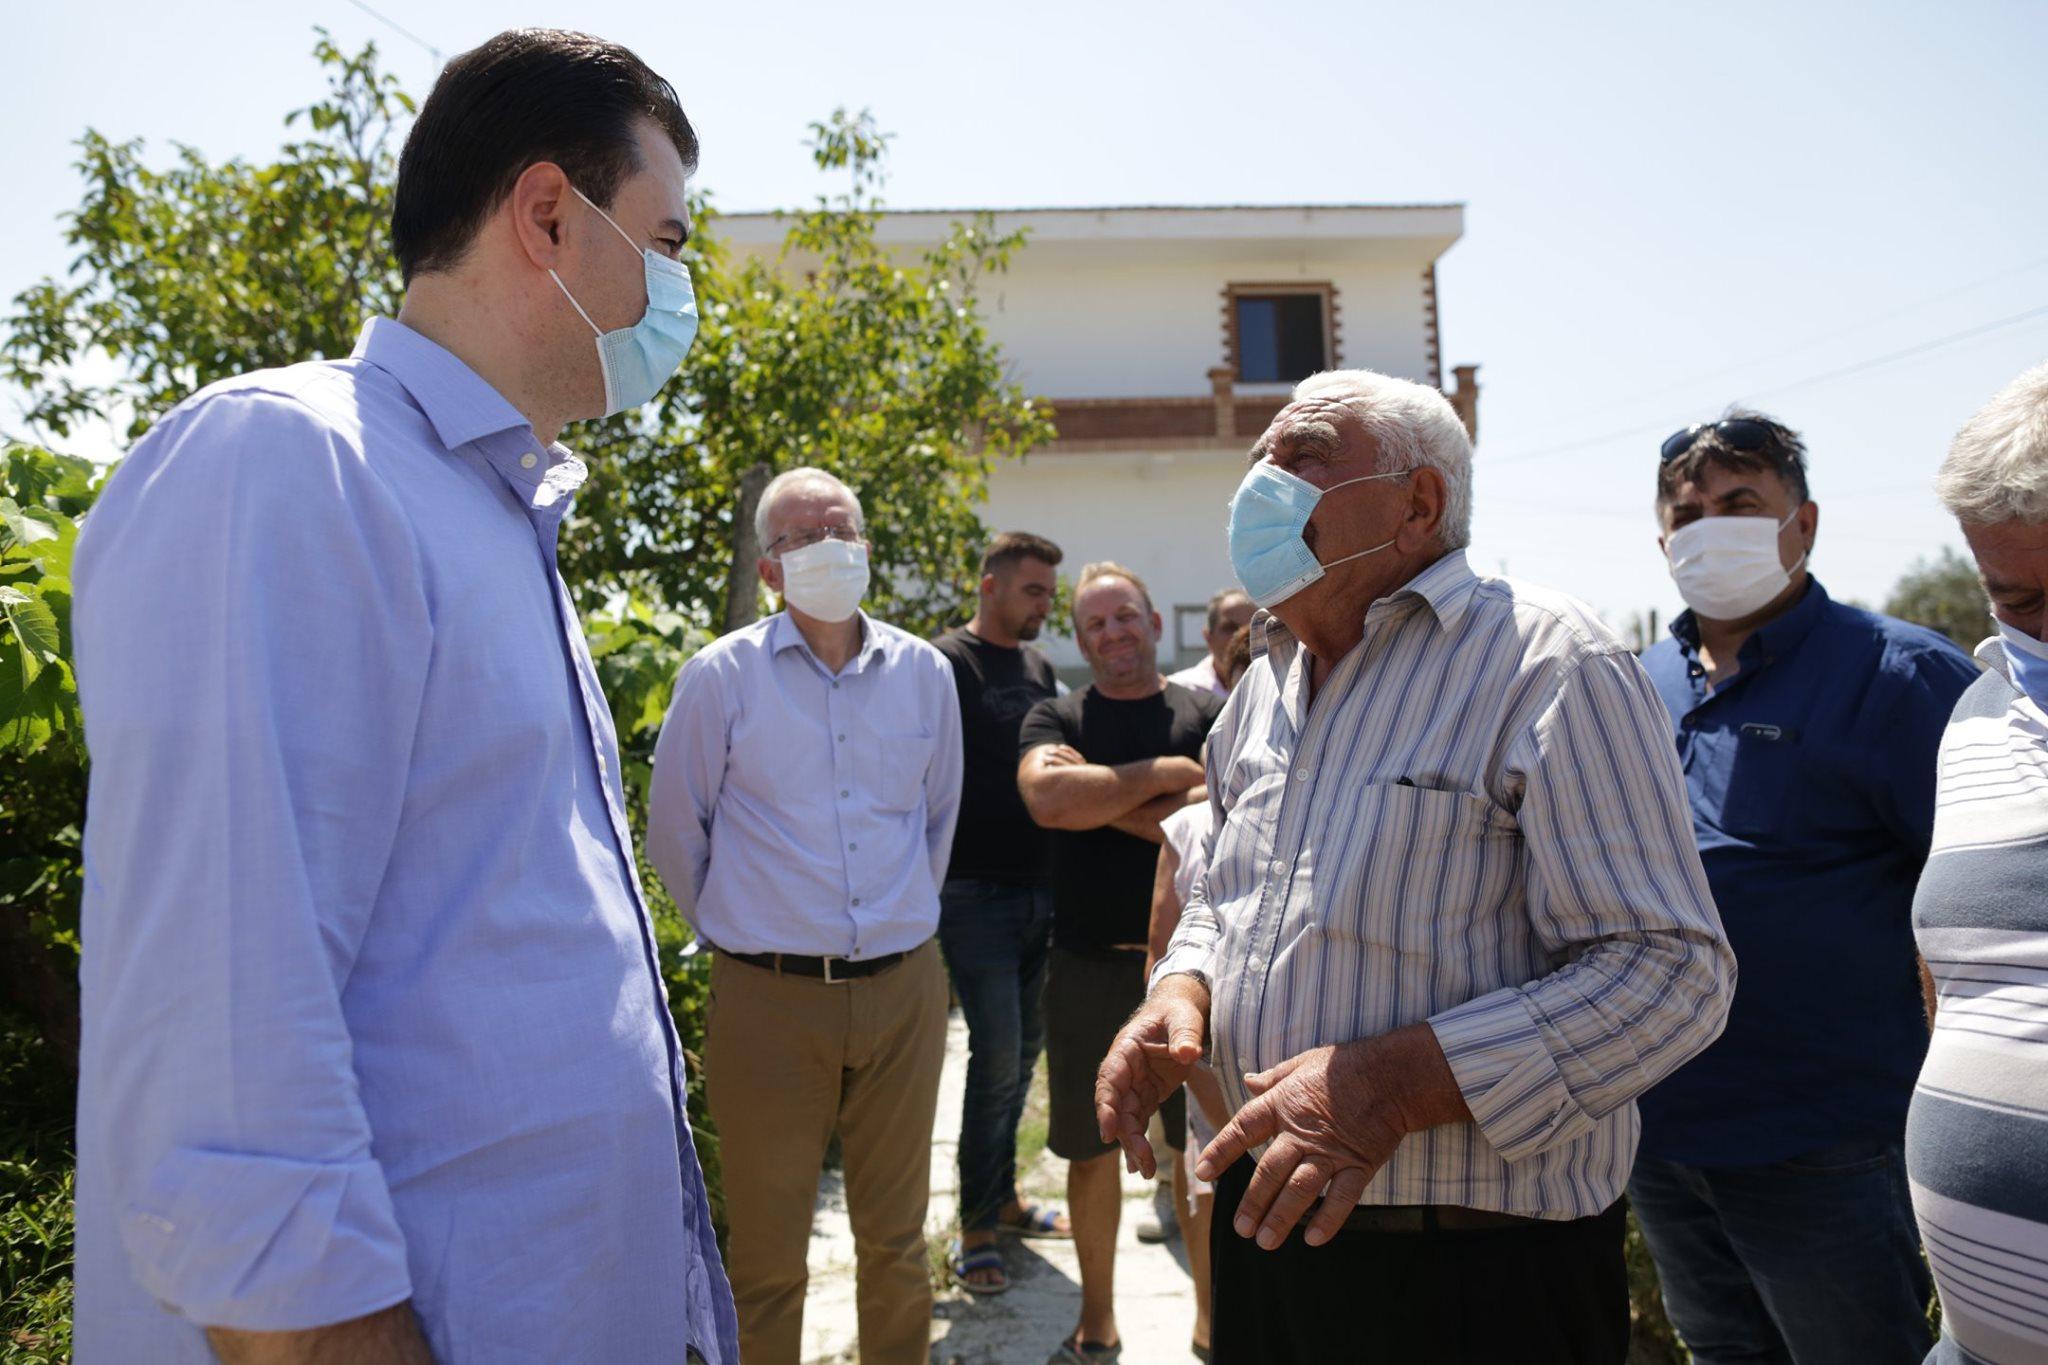 Prej kohësh jetojnë në çadër, Basha dhe Xhaferaj vizitojnë familjen e prekur nga tërmeti